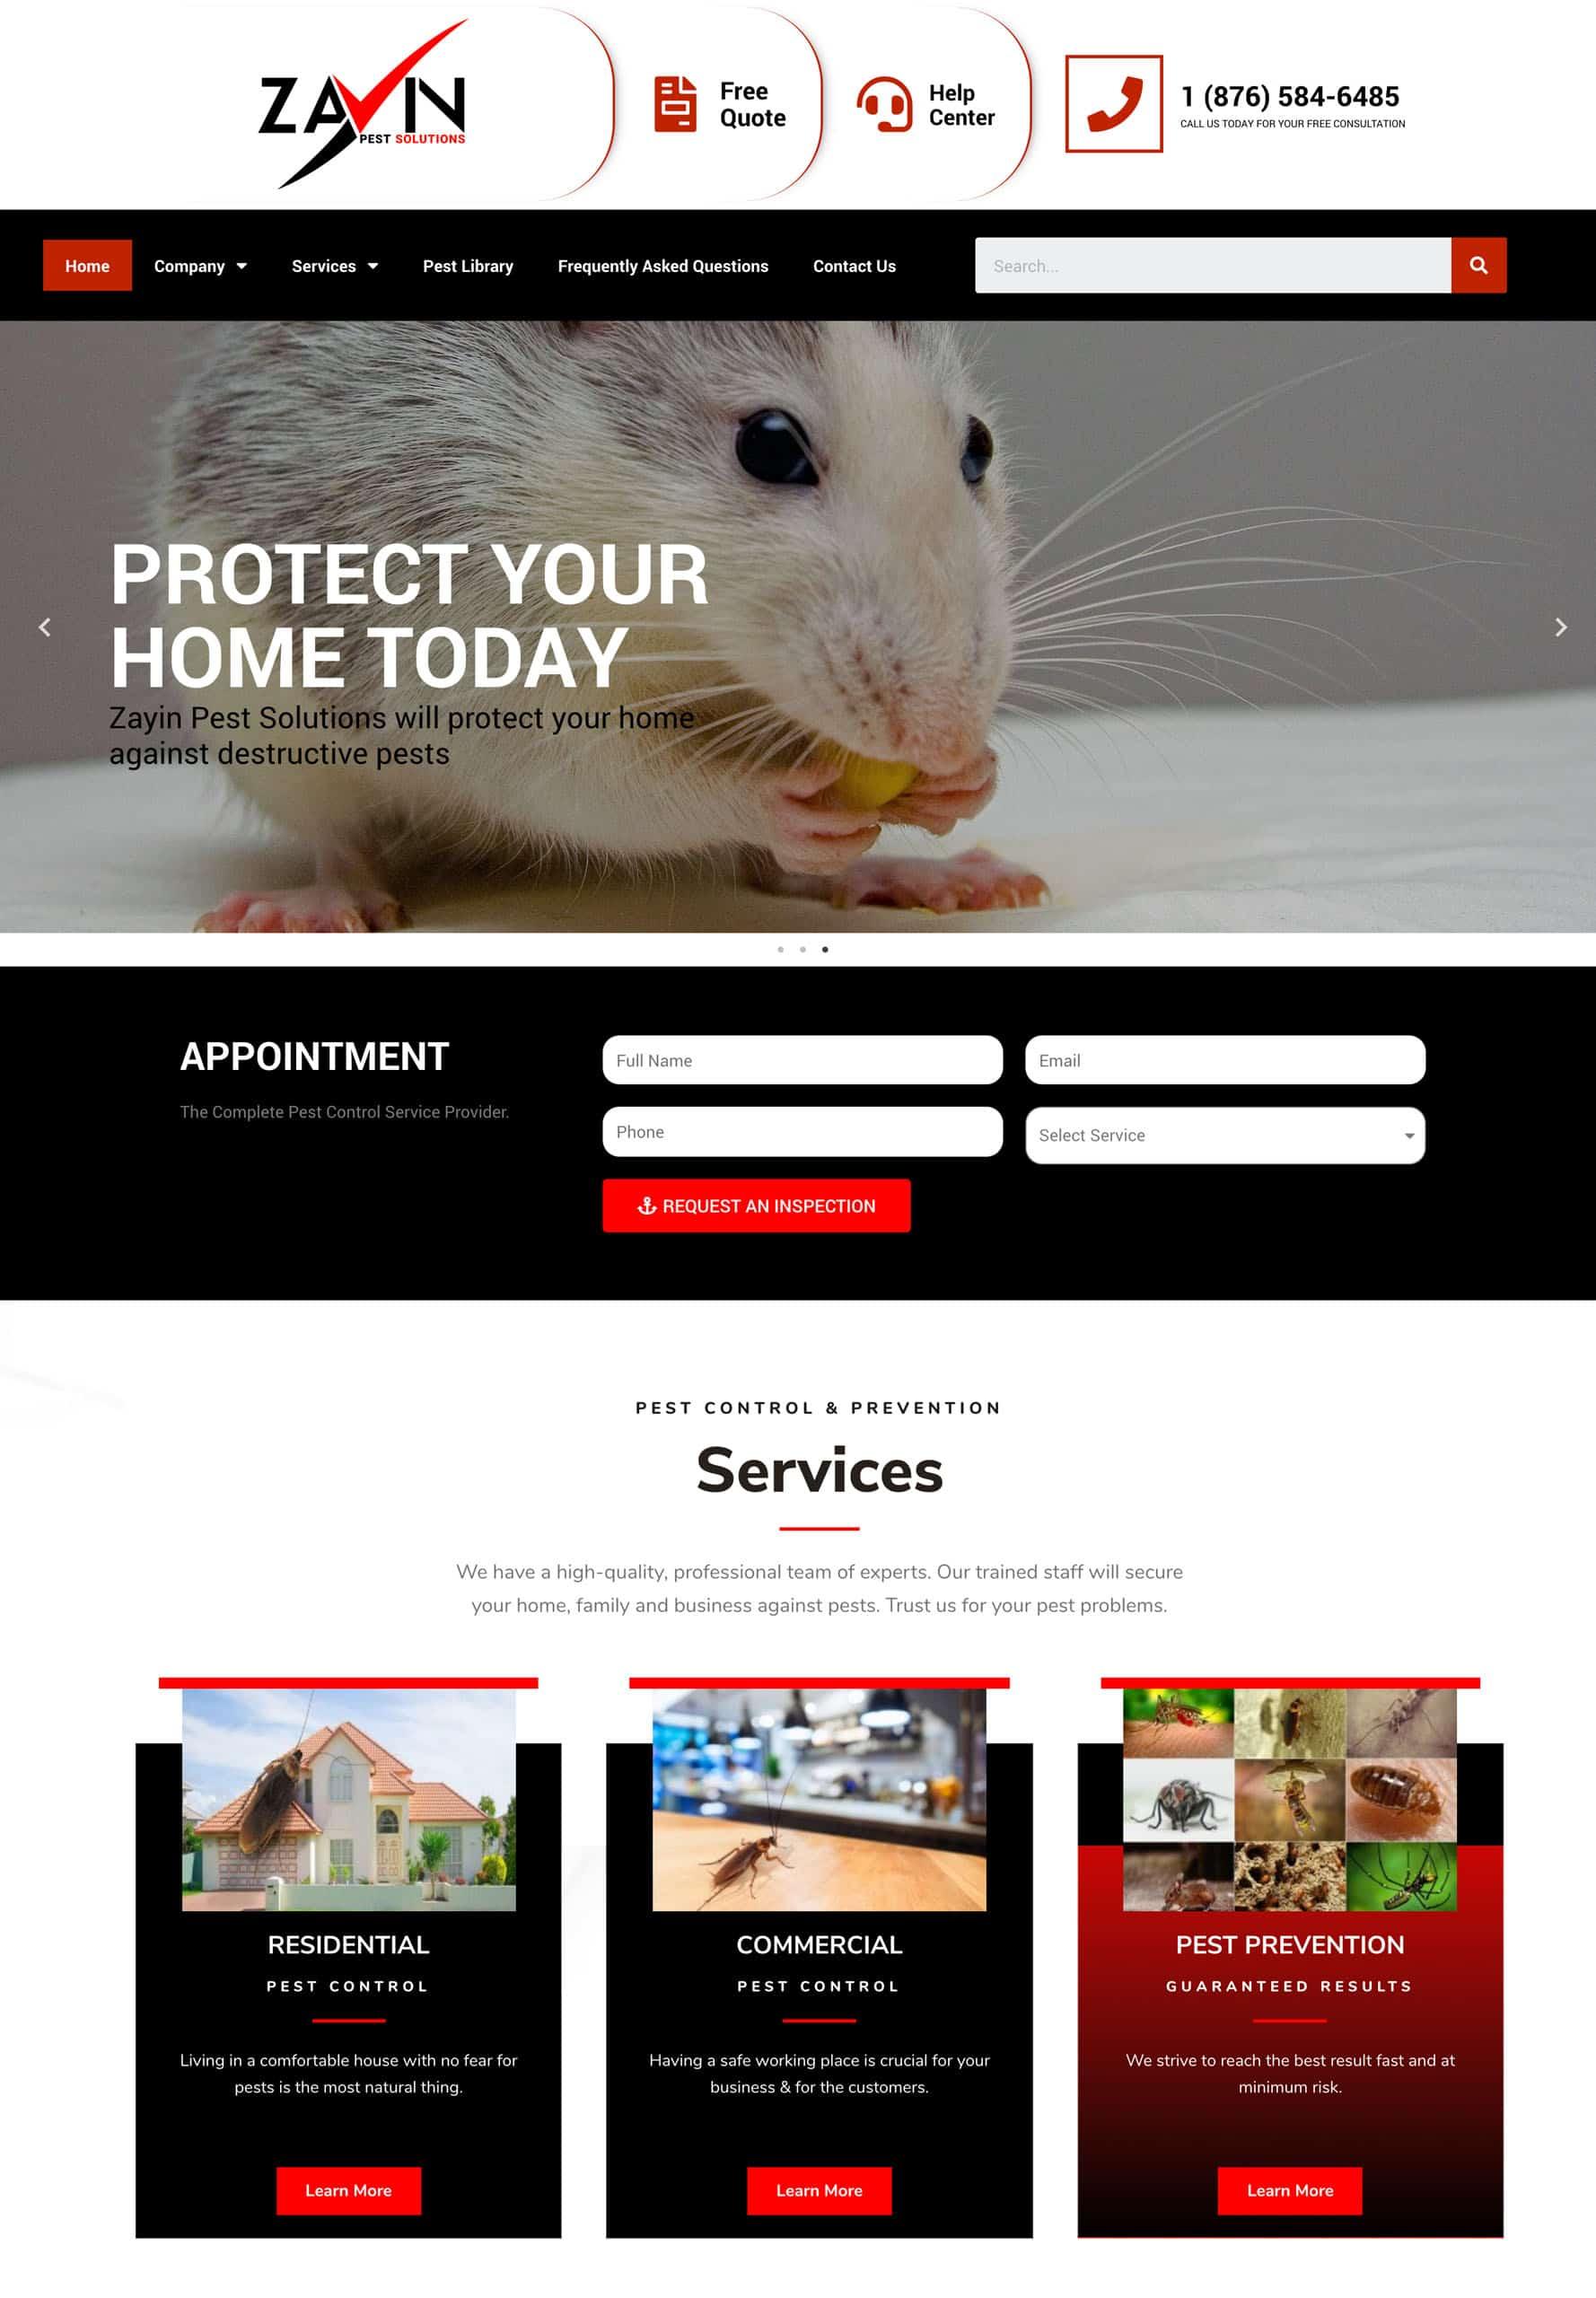 Jamaica website designer